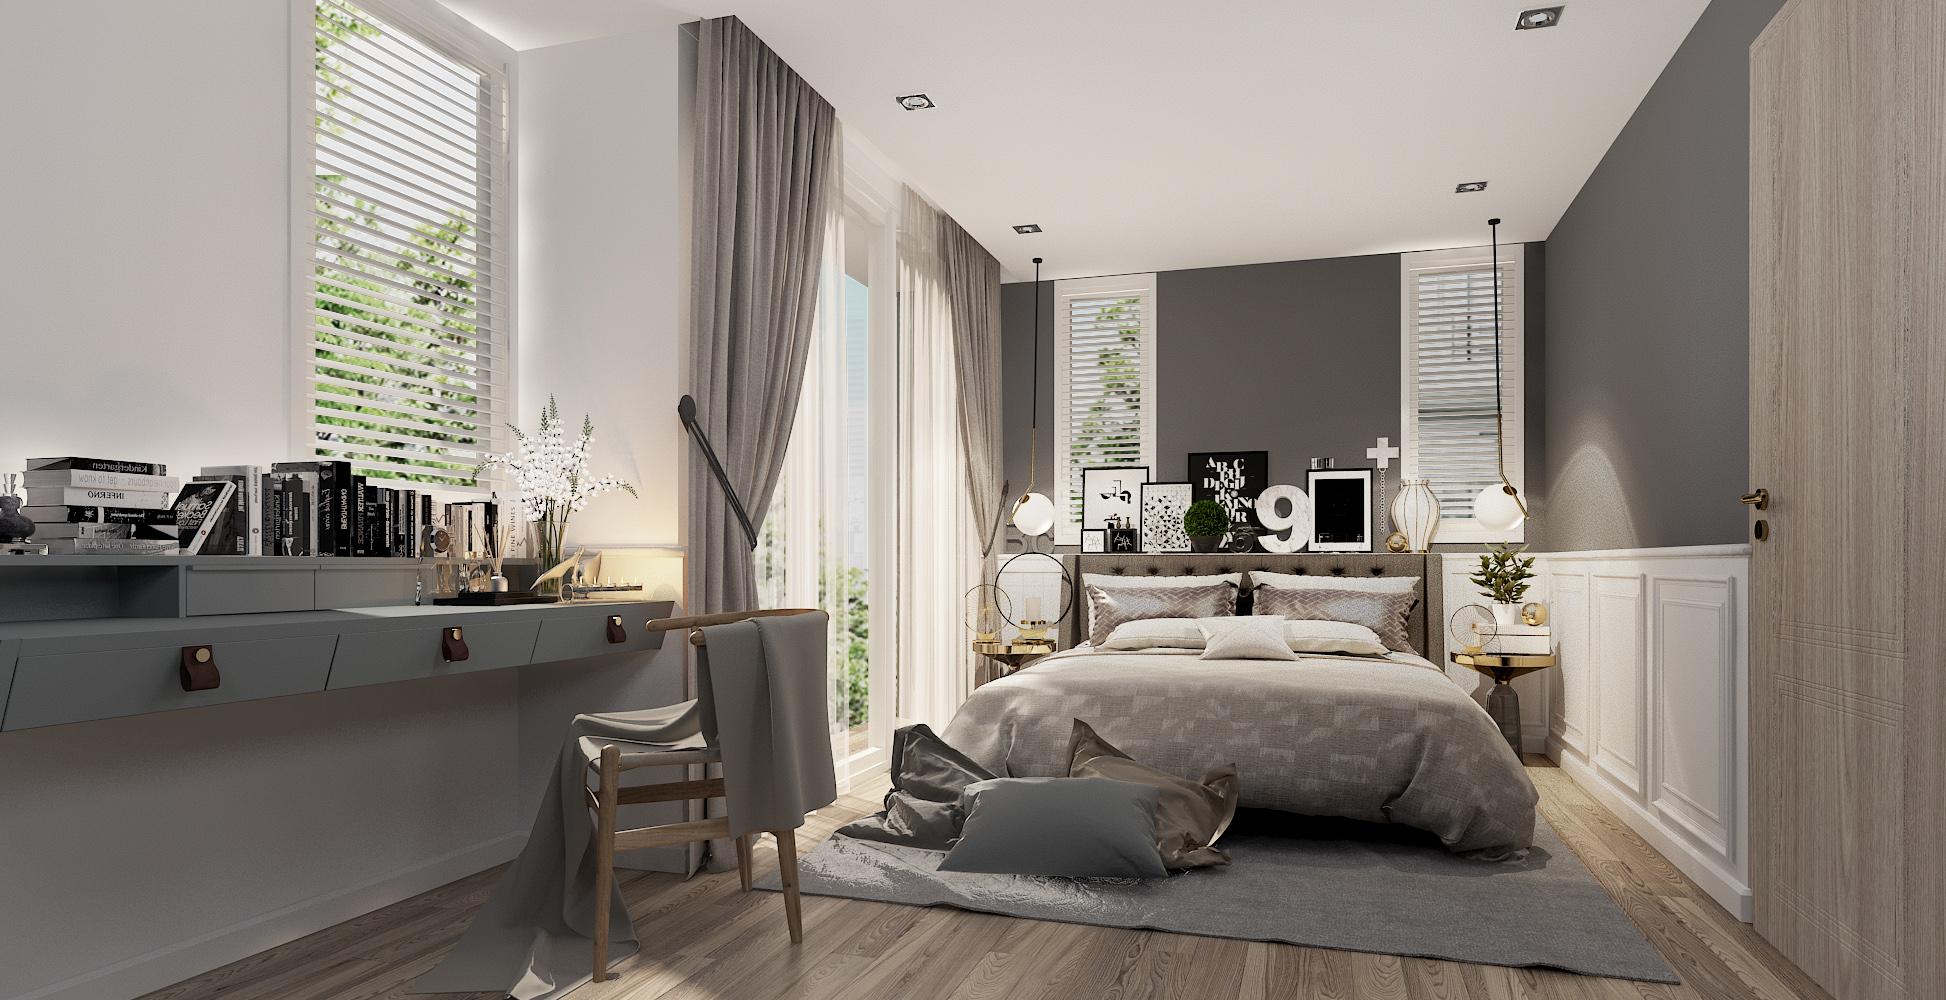 Bonanzabuilt-Portfolio-interior-4